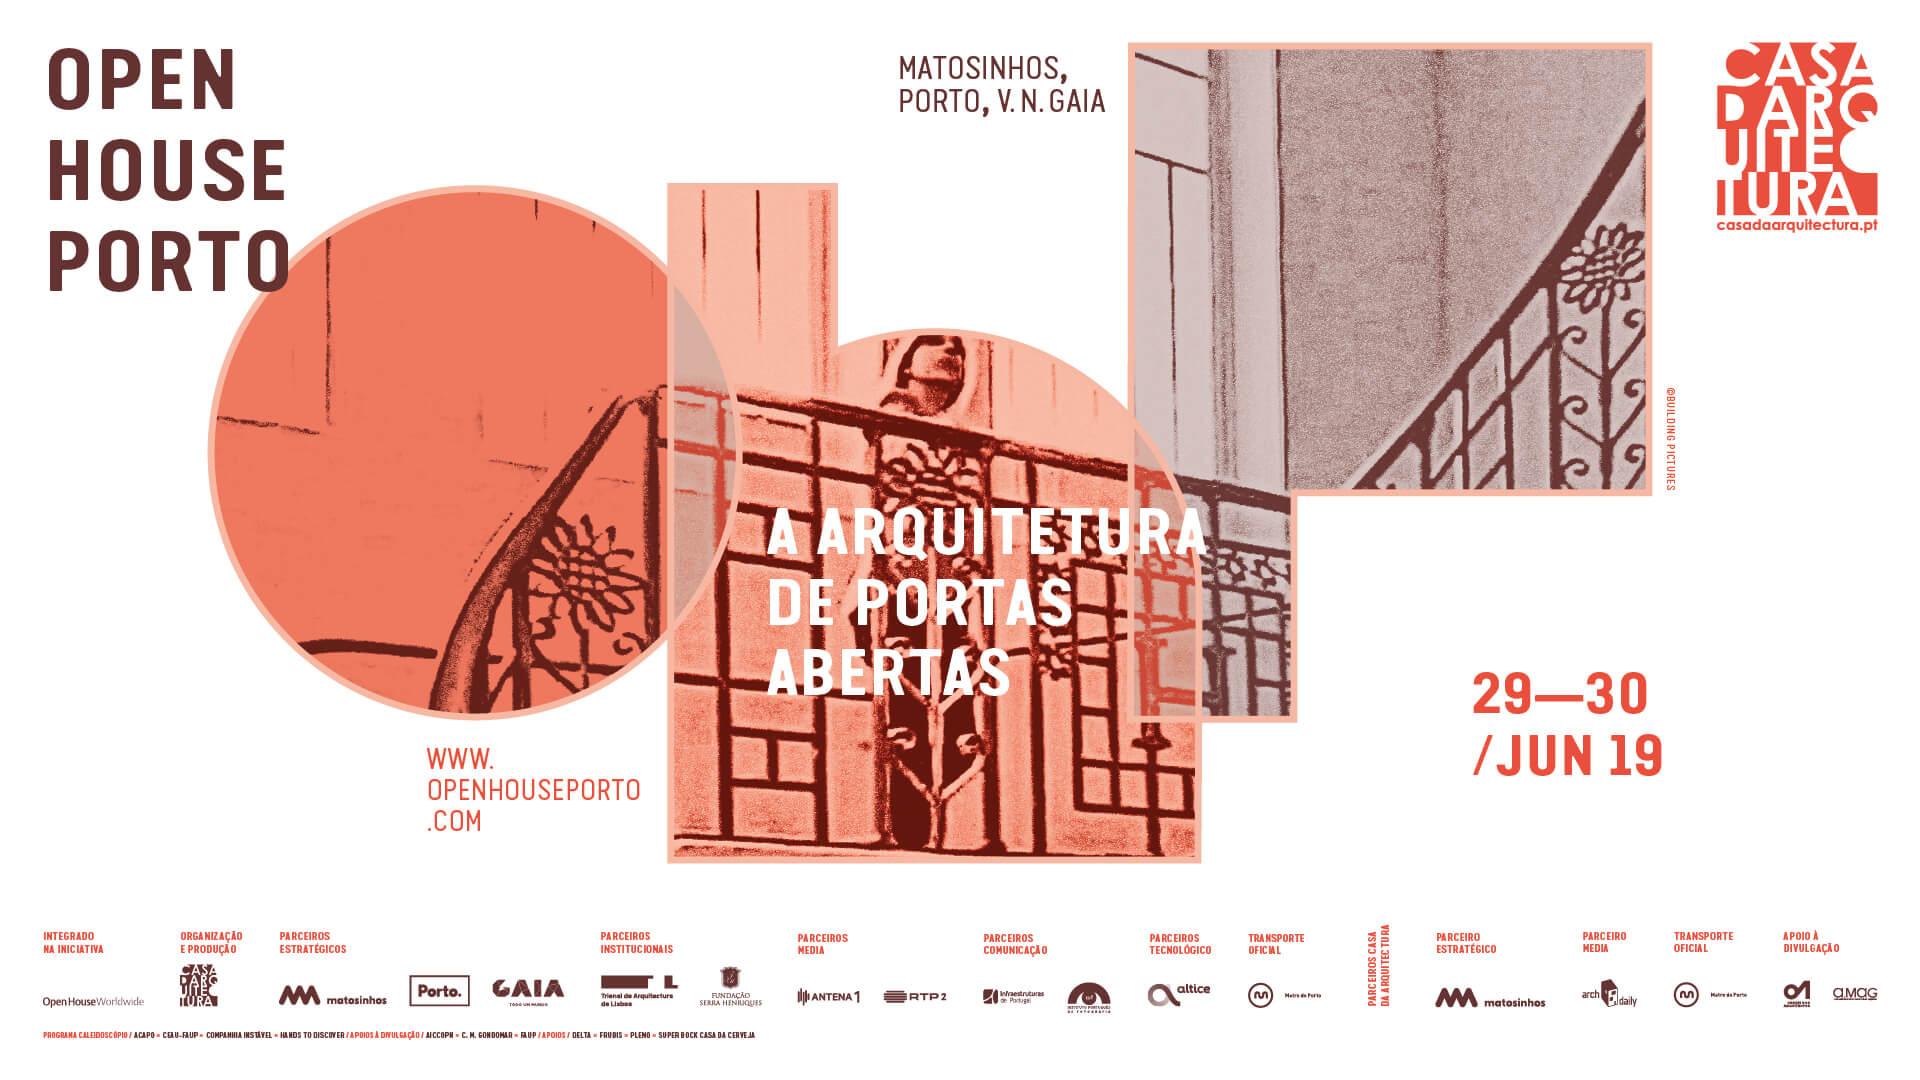 5ª edição Open House Porto